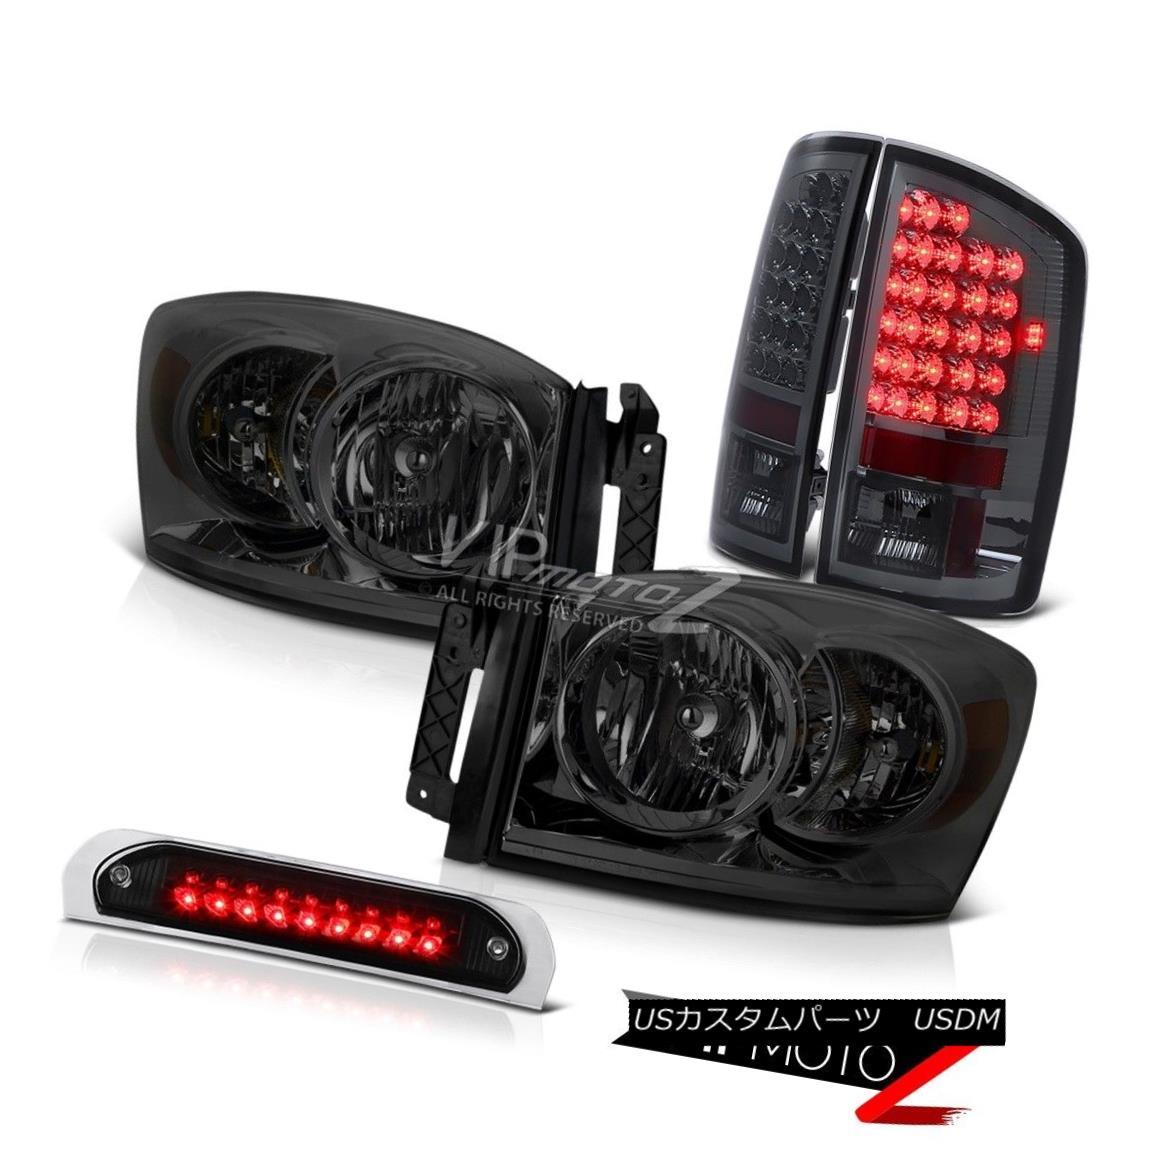 テールライト Diamond Cut Headlights Smoke Brake Tail Lights Black 3rd LED 07 08 Dodge Ram V8 ダイヤモンドカットヘッドライトスモークブレーキテールライトブラック3rd LED 07 08 Dodge Ram V8